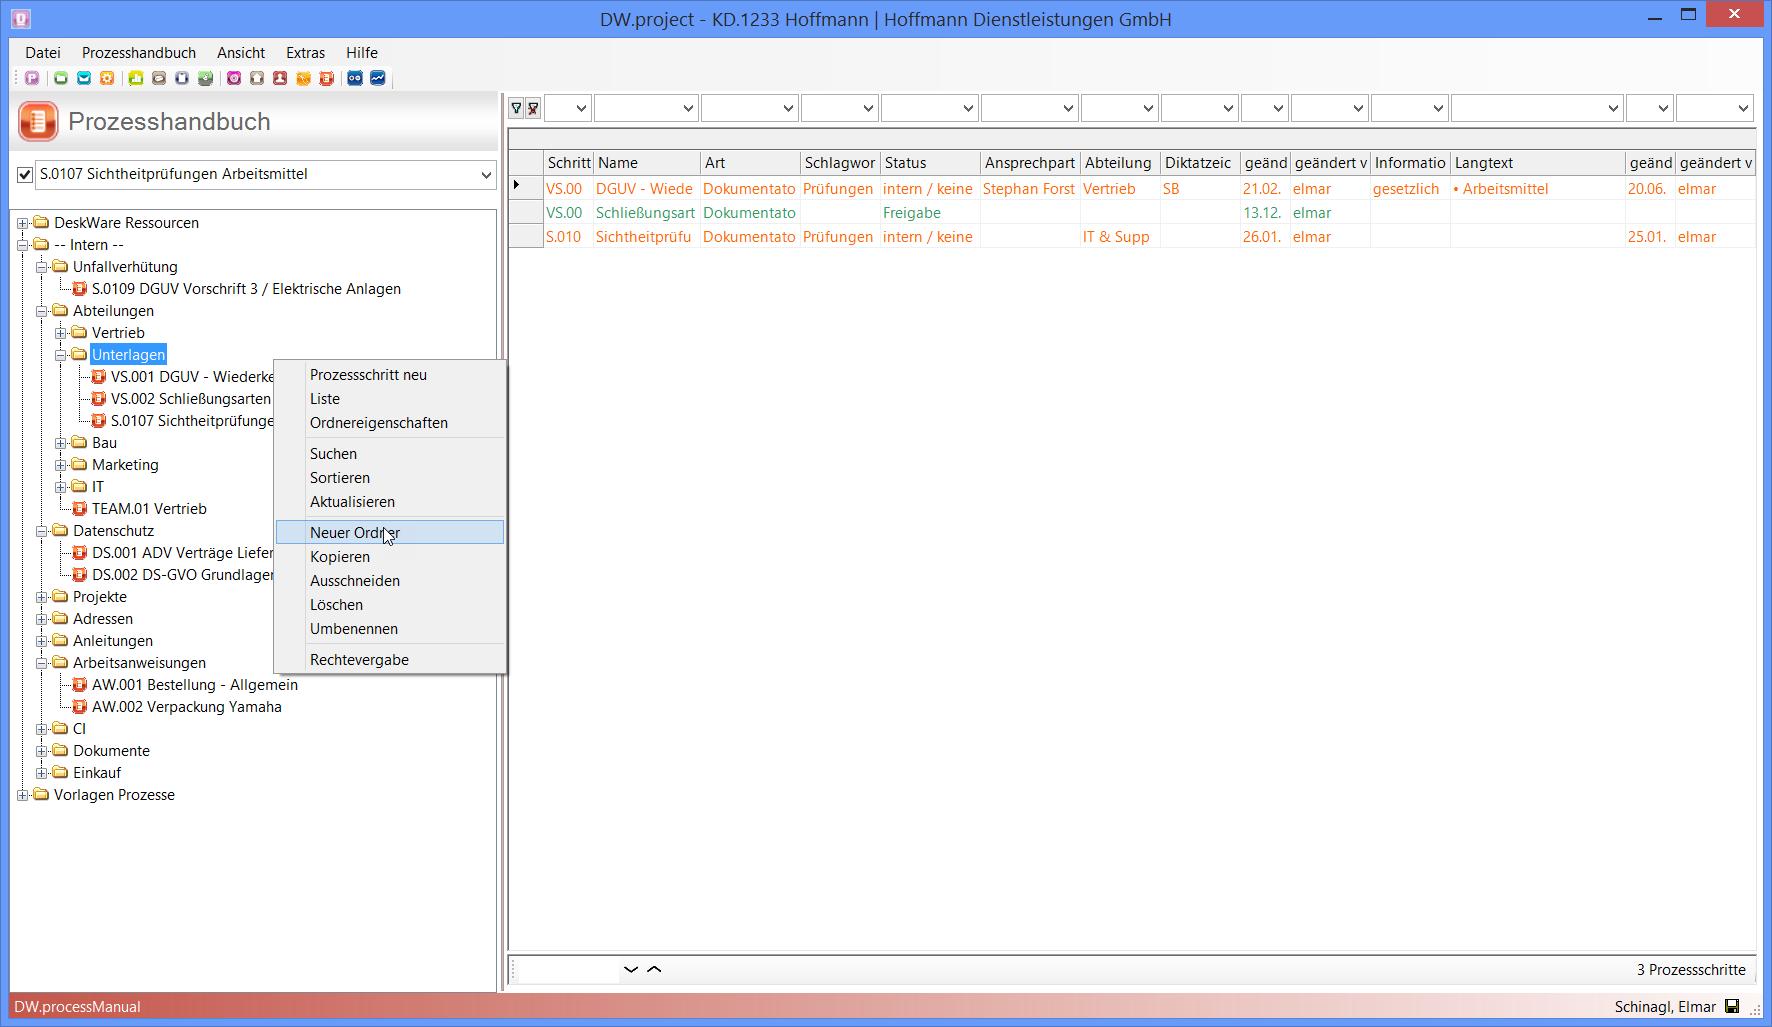 Prozesshandbuch - Unternehmenssoftware - DeskWare Products